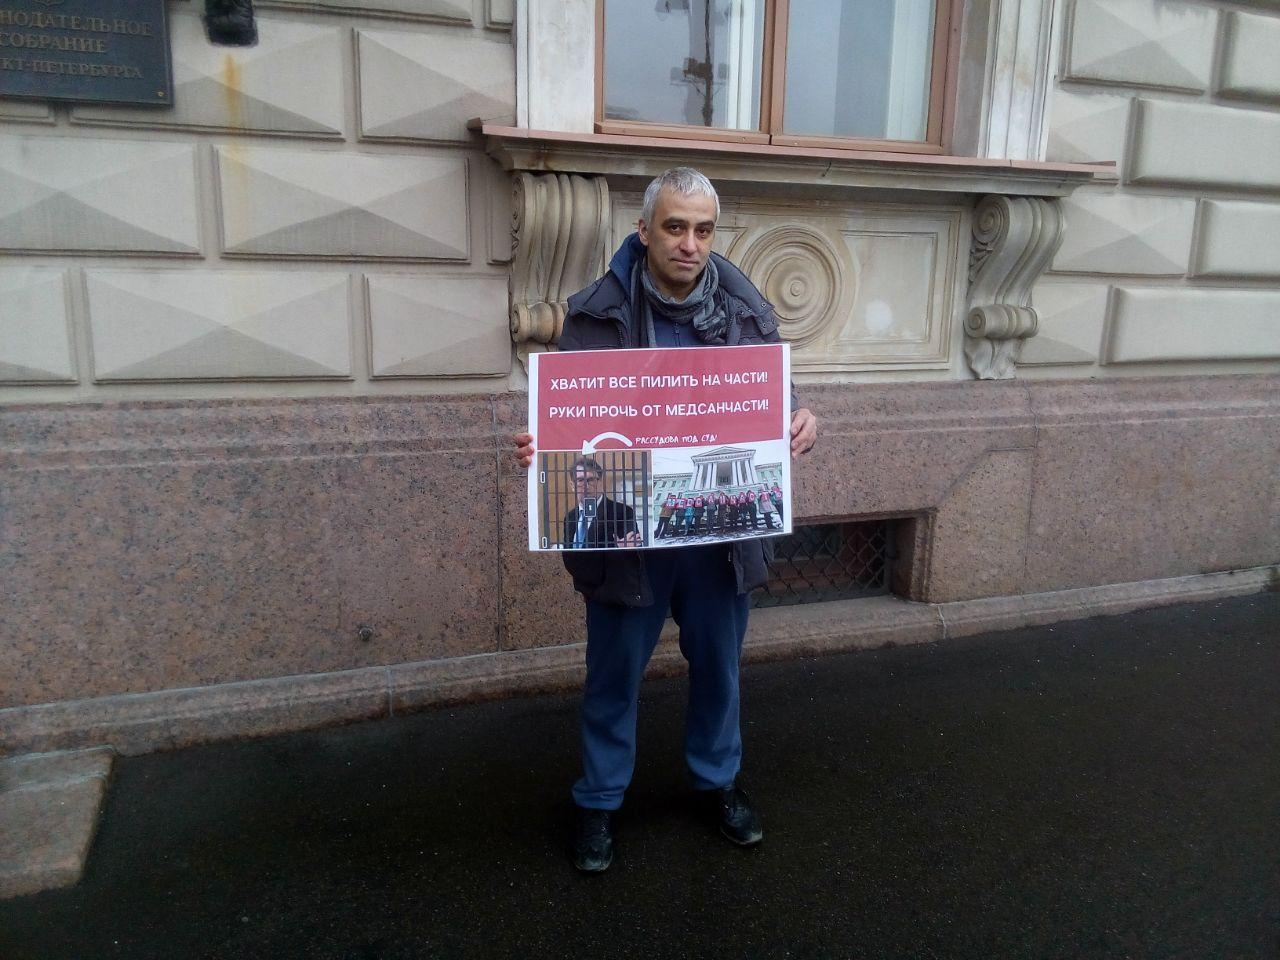 фото ЗакС политика Пикетчик у входа в ЗакС требует сохранить медсанчасть на улице Одоевского